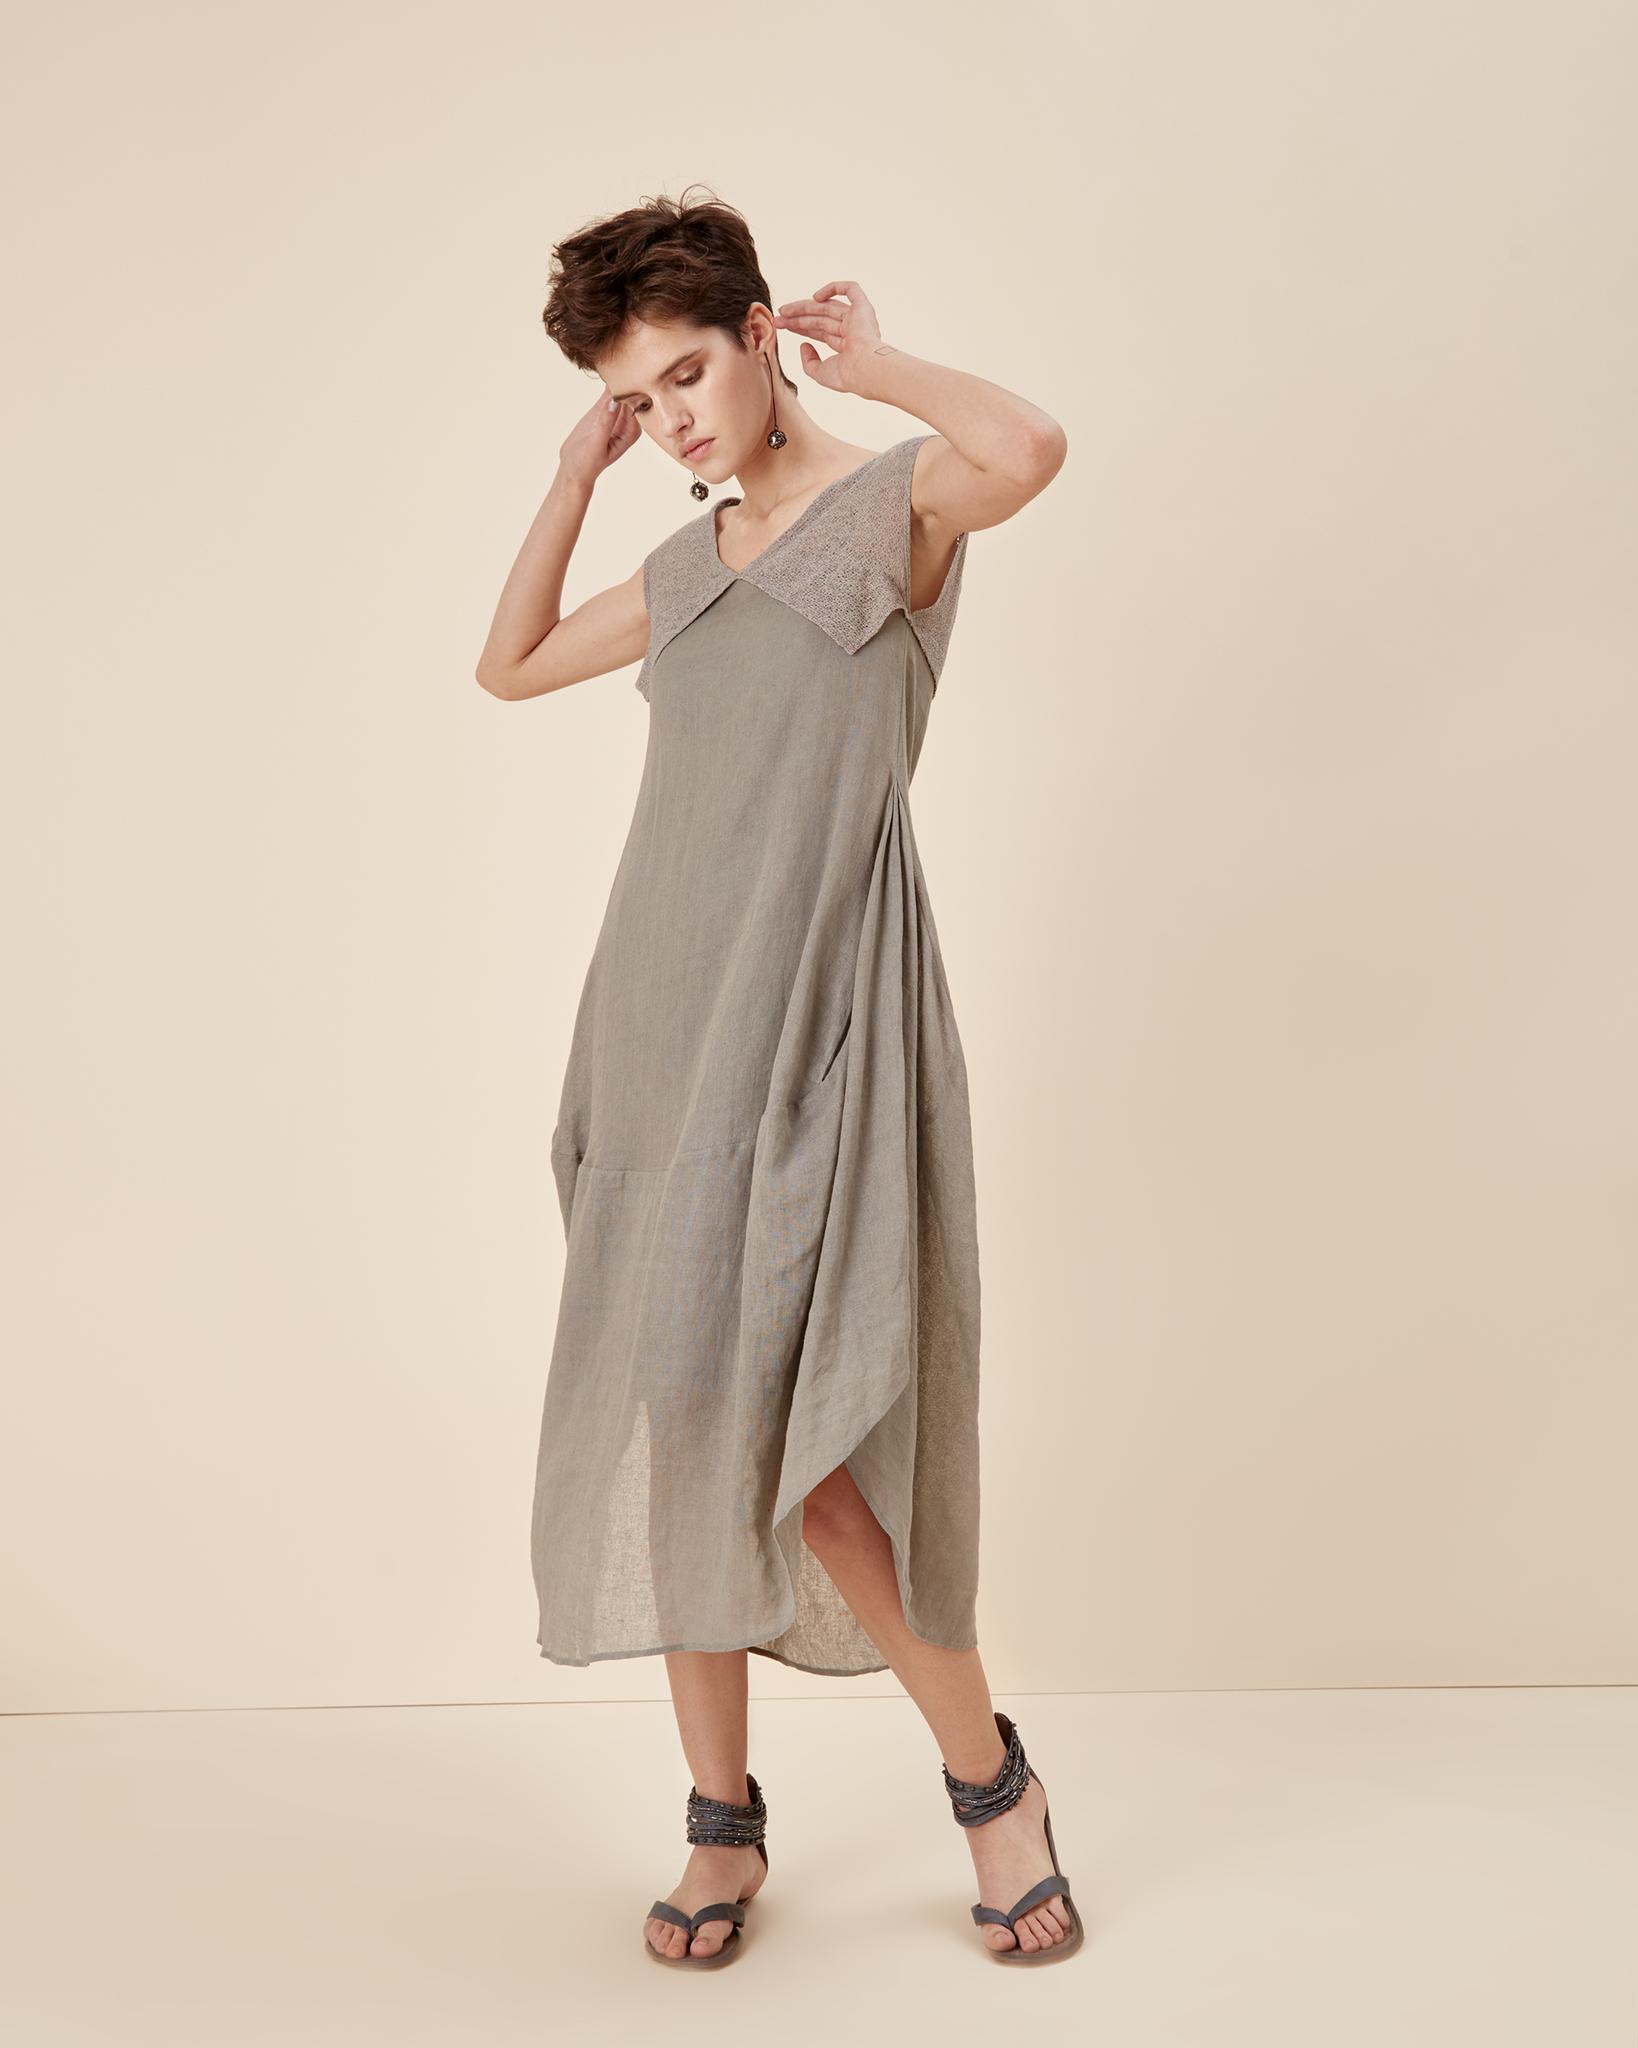 Платья Платье летнее длинное  19-108 hass-leto-193852.jpg